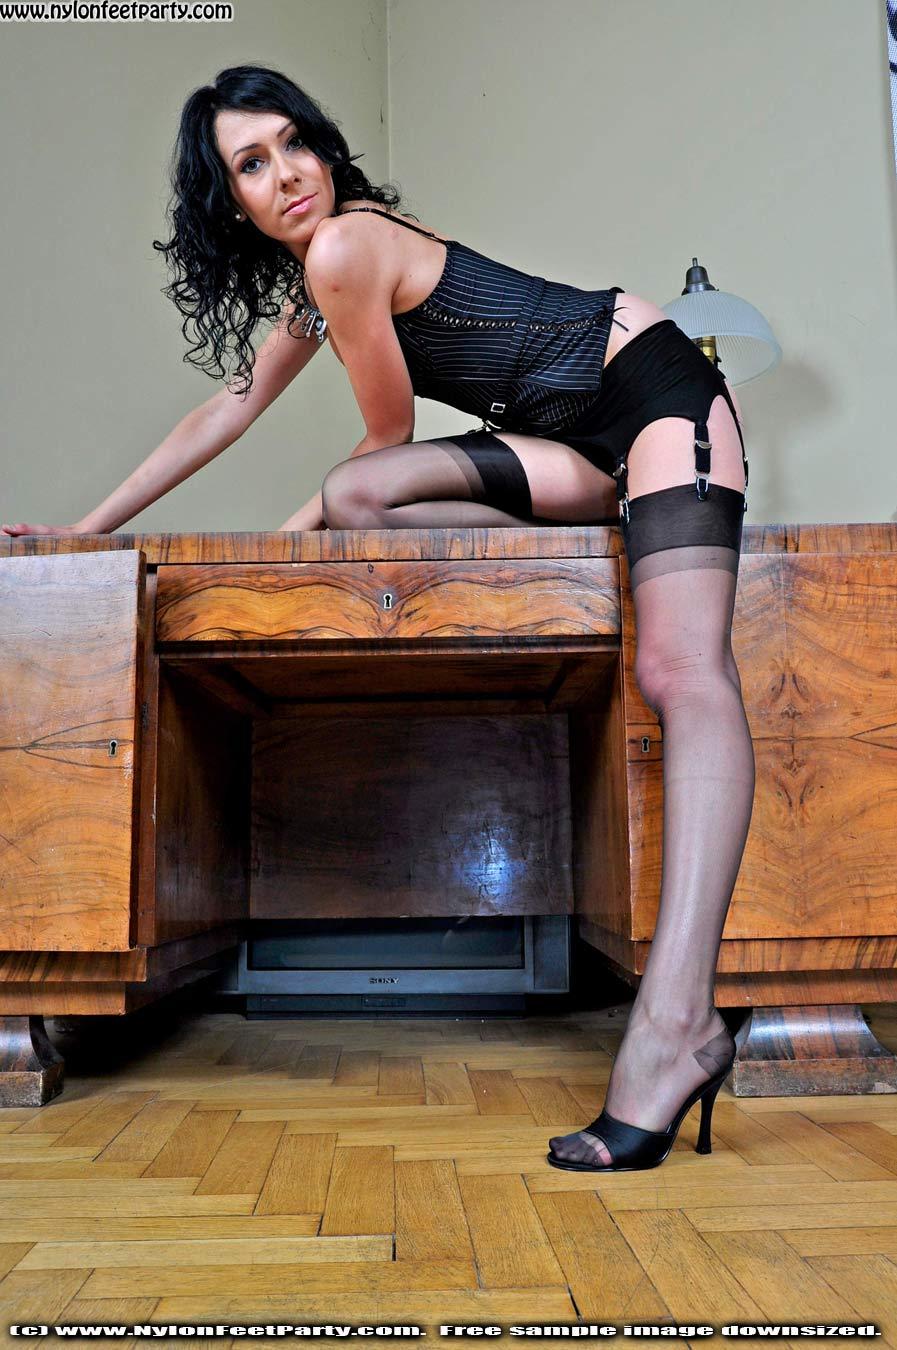 Nice Nylon Fetish Stocking Sex Sexy Stockings Pantyhose